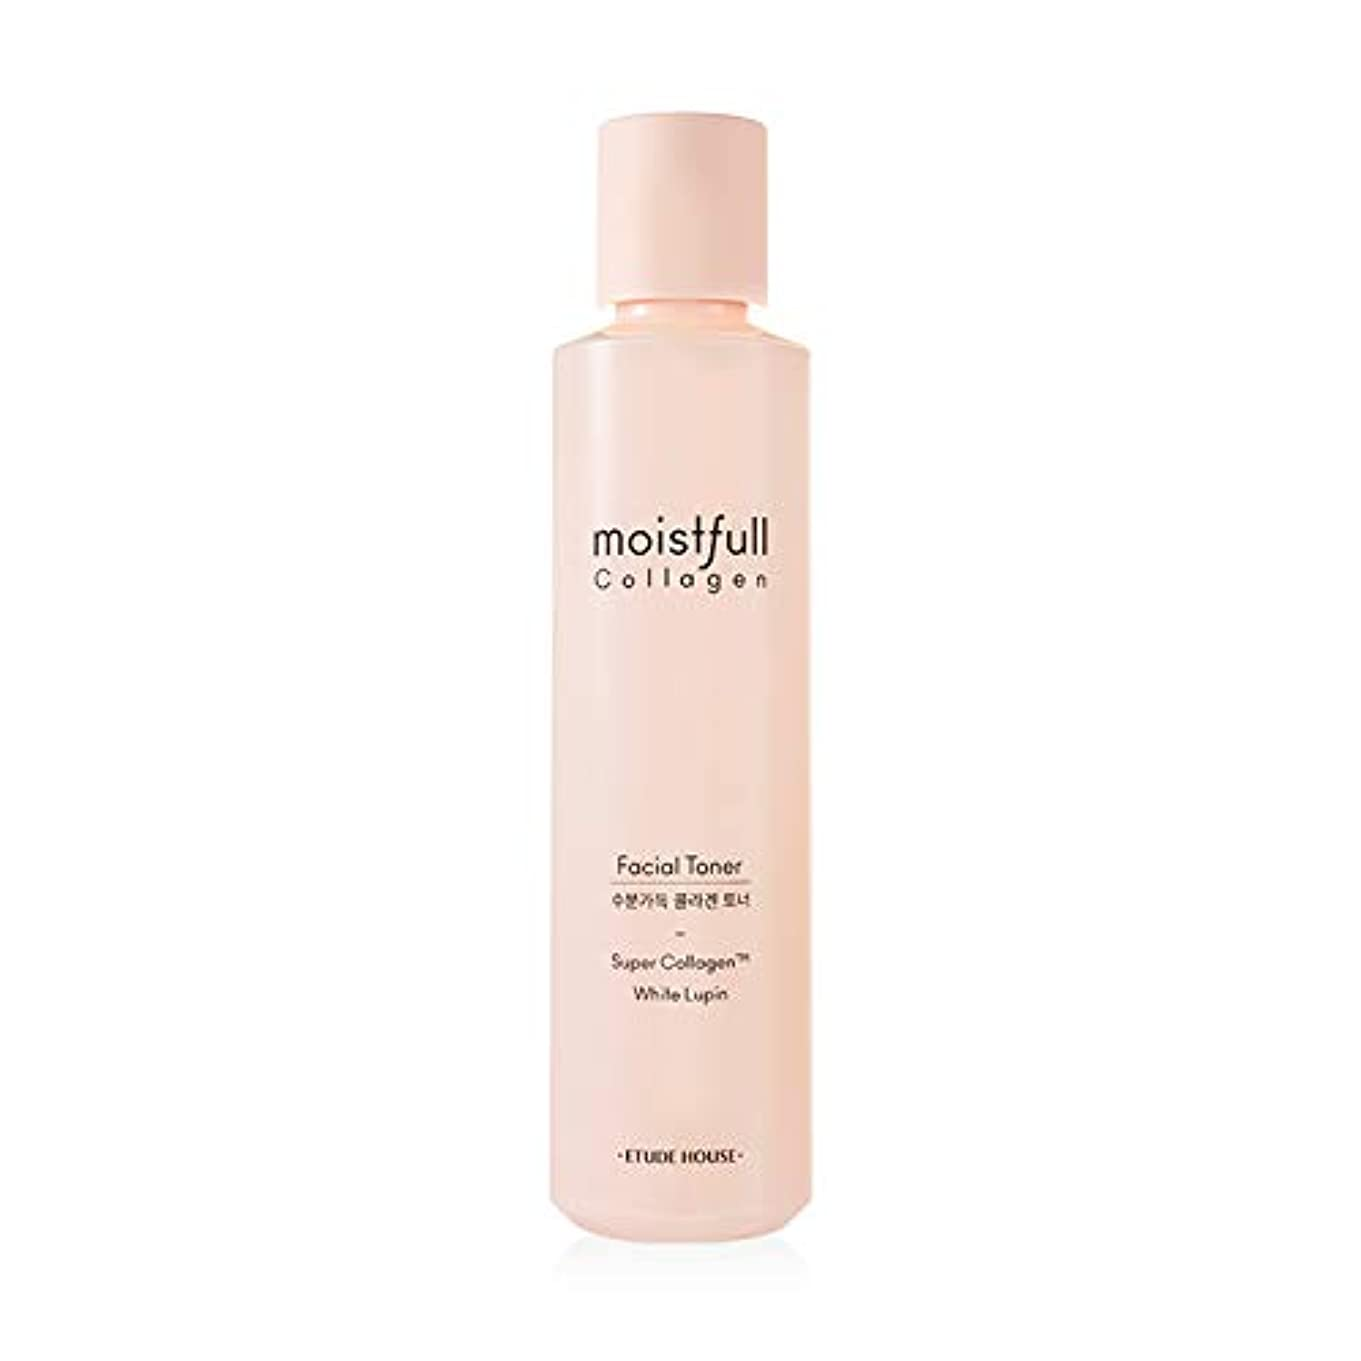 アカデミック耐えられるダンスエチュードハウス モイストフルCL トナー(化粧水) 200ml / ETUDE HOUSE Moistfull Collagen Skin 200ml [並行輸入品]